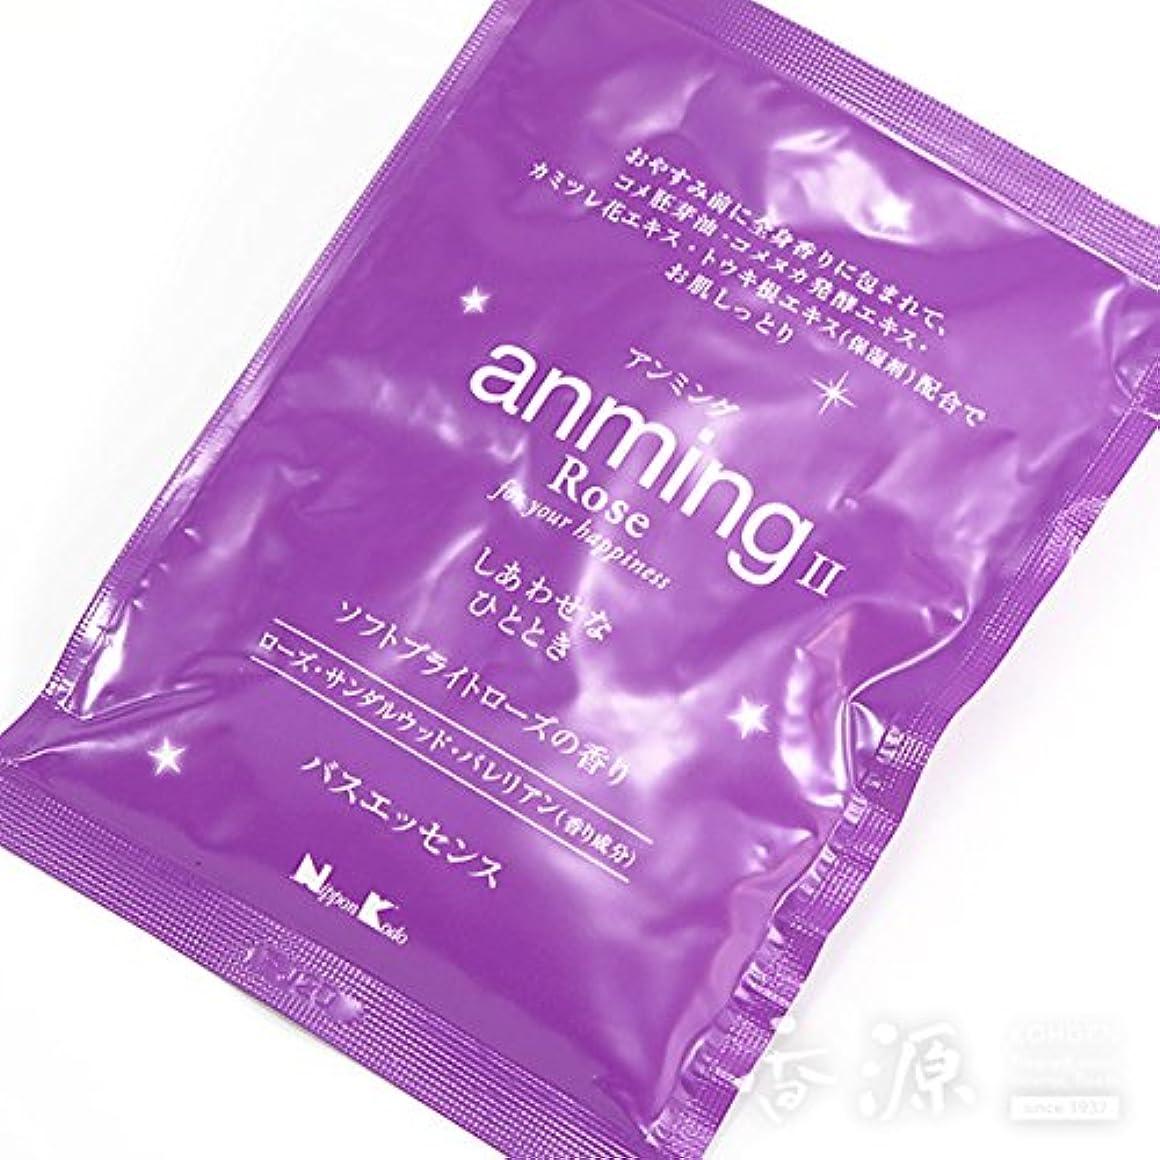 充実合唱団エステート日本香堂の入浴剤 アンミング2(anming2)バスエッセンス ミニタイプ